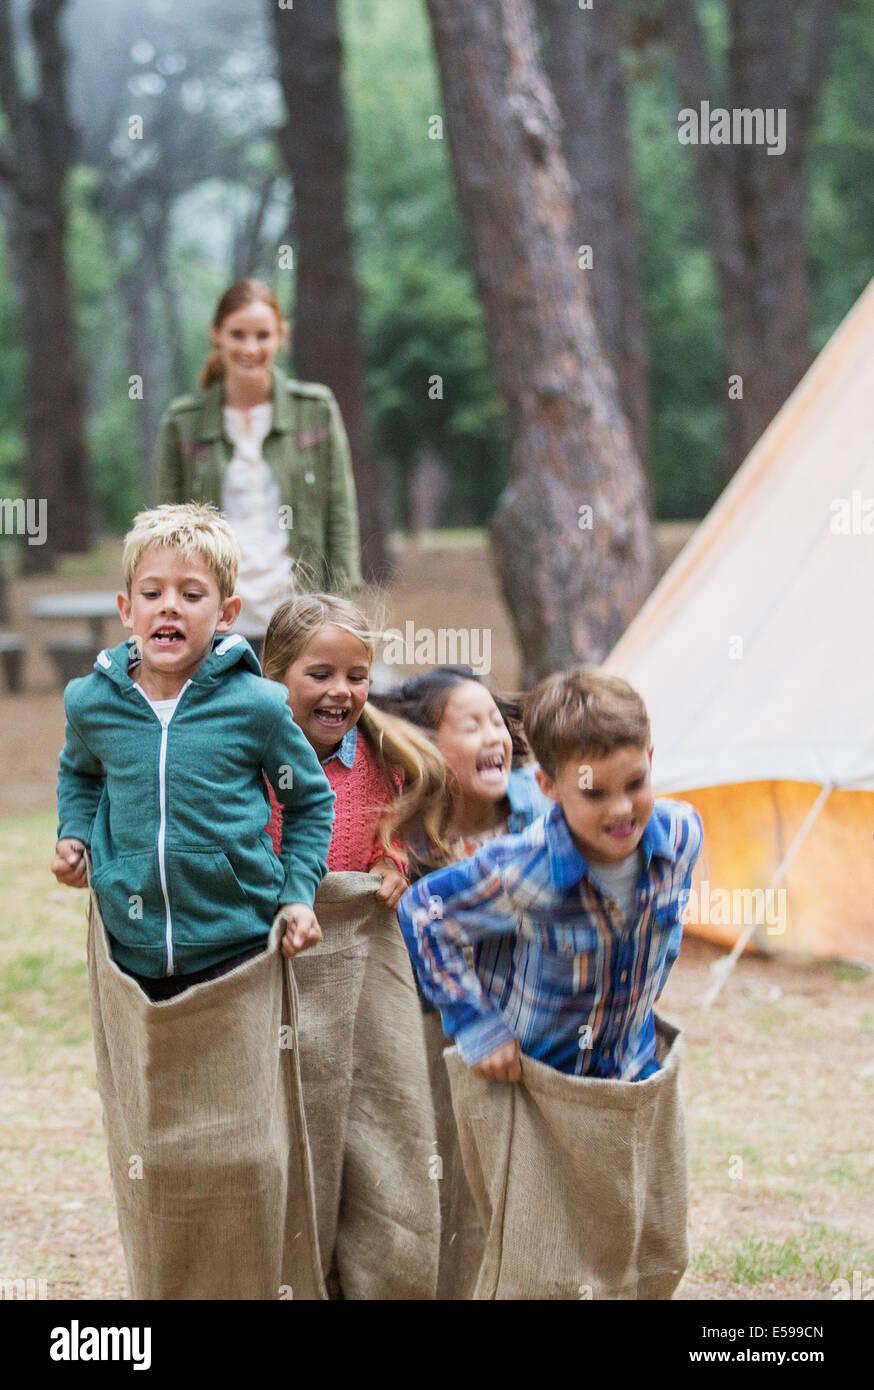 Kinder mit Sackhüpfen auf Campingplatz Stockbild